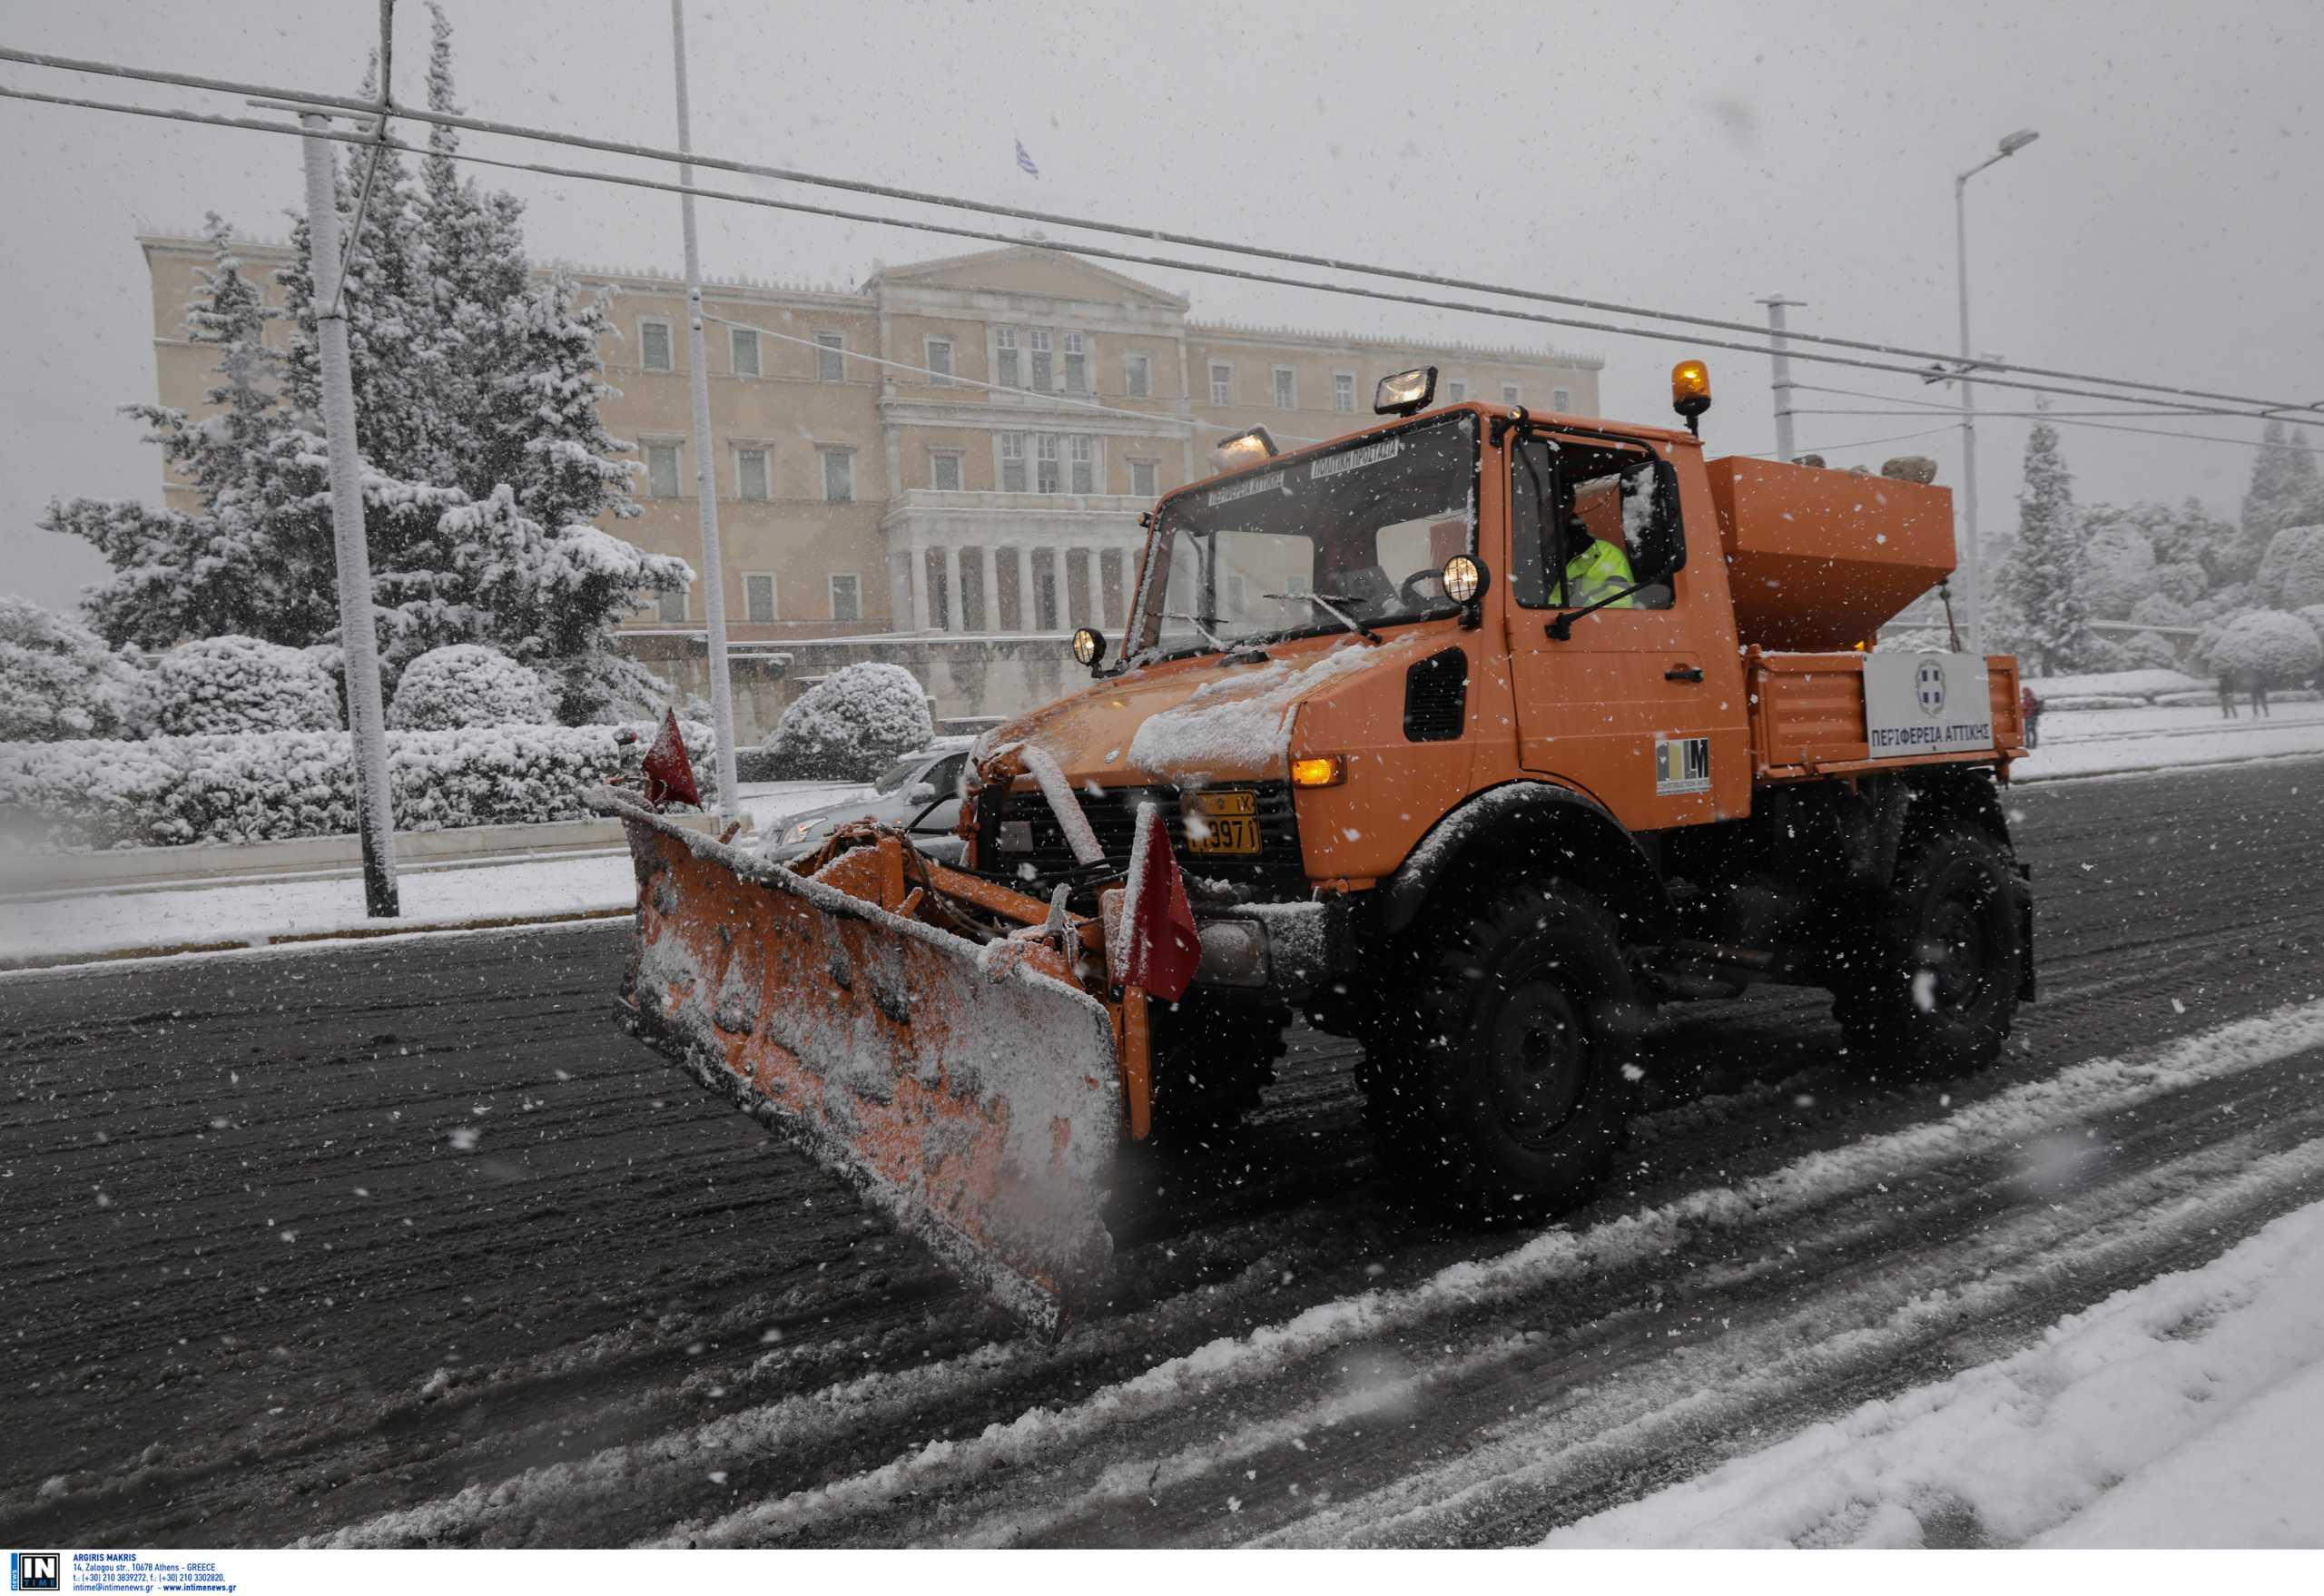 Αθήνα: Εκχιονιστικά σε Κολωνάκι, Σύνταγμα, Αλεξάνδρας – Χιόνι ως τη θάλασσα στον Άλιμο